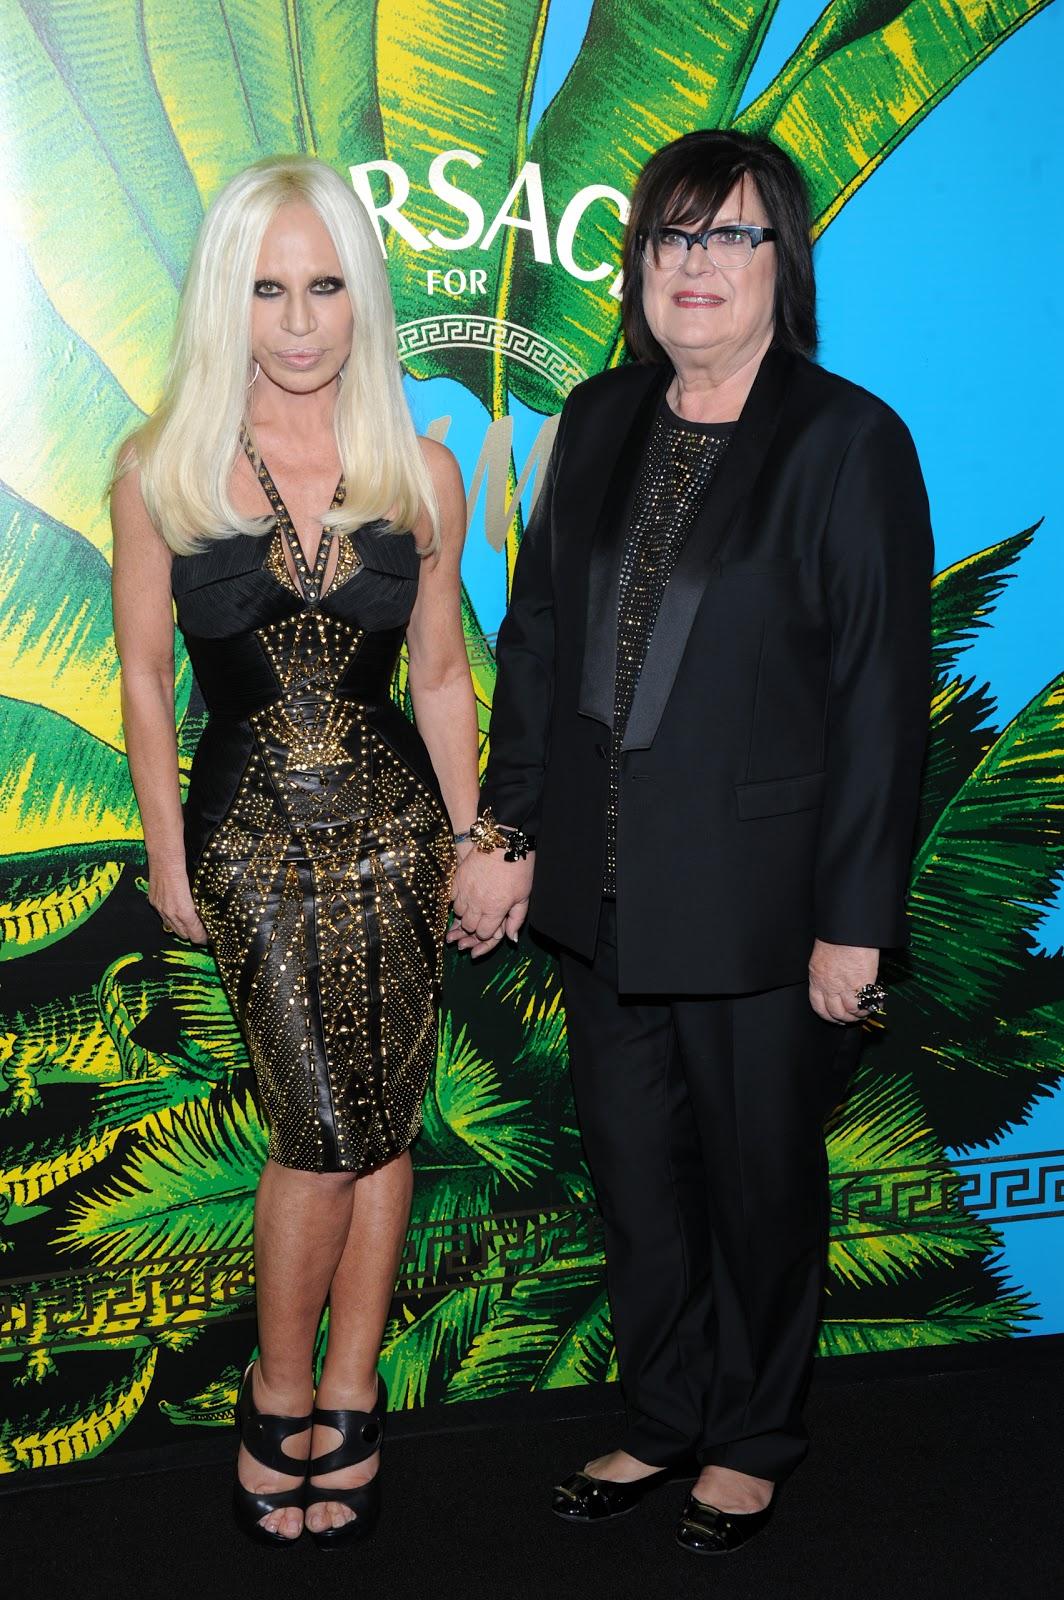 http://3.bp.blogspot.com/-M7ztqv7_AjQ/TrplAAJZi4I/AAAAAAAABc0/f-xJNUCJDjg/s1600/Donatella+Versace%252C+Margareta+van+den+Bosch-2.jpg